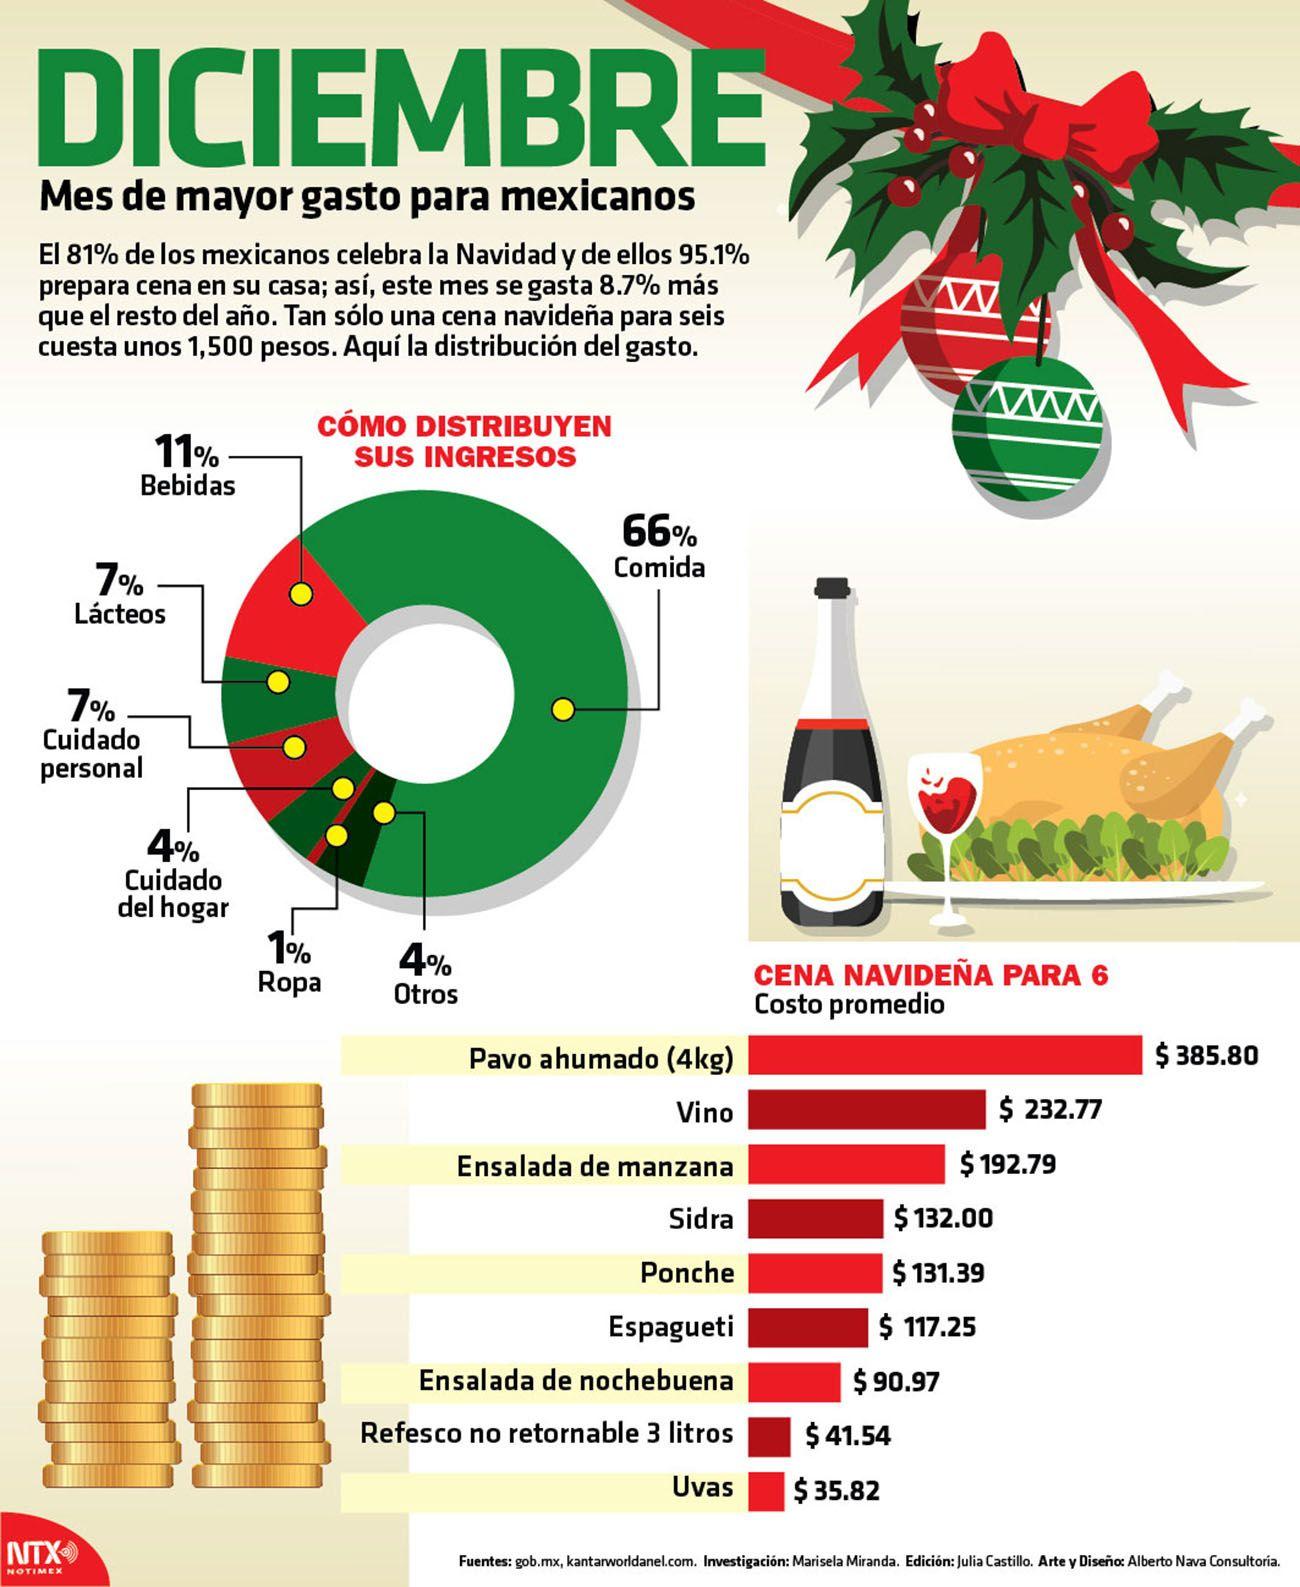 Diciembre Mes De Mayor Gasto Para Los Mexicanos